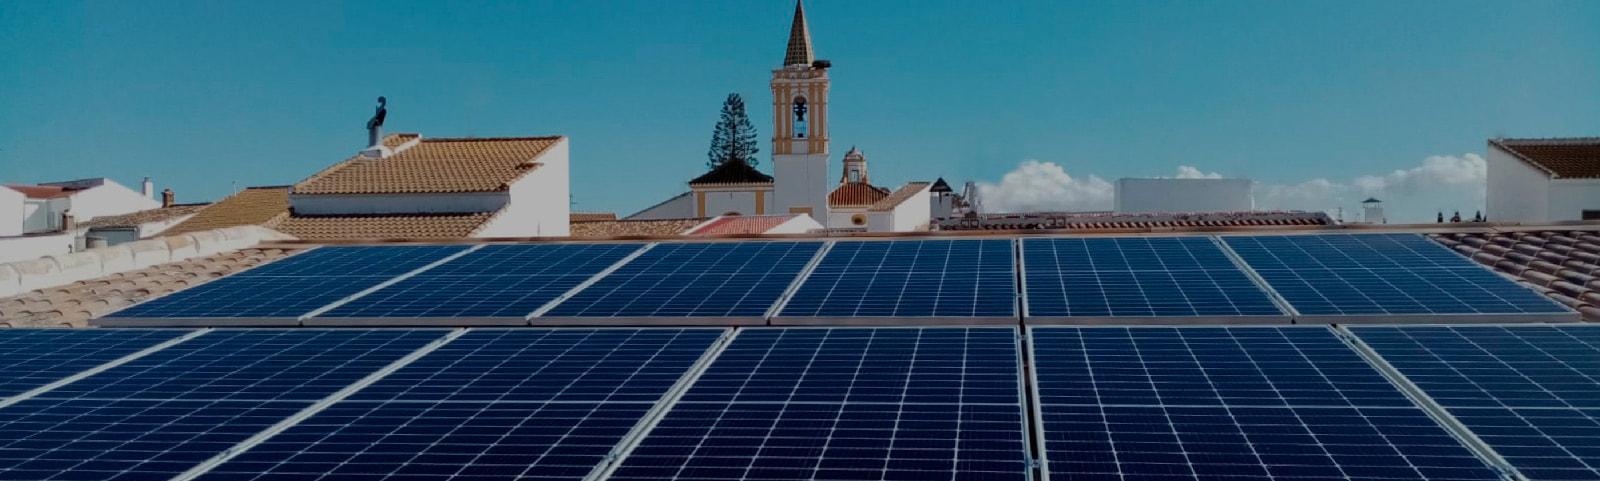 Empresas de Energía Fotovoltaica en Hogares - Instalaciones de Placas Solares en Hogares